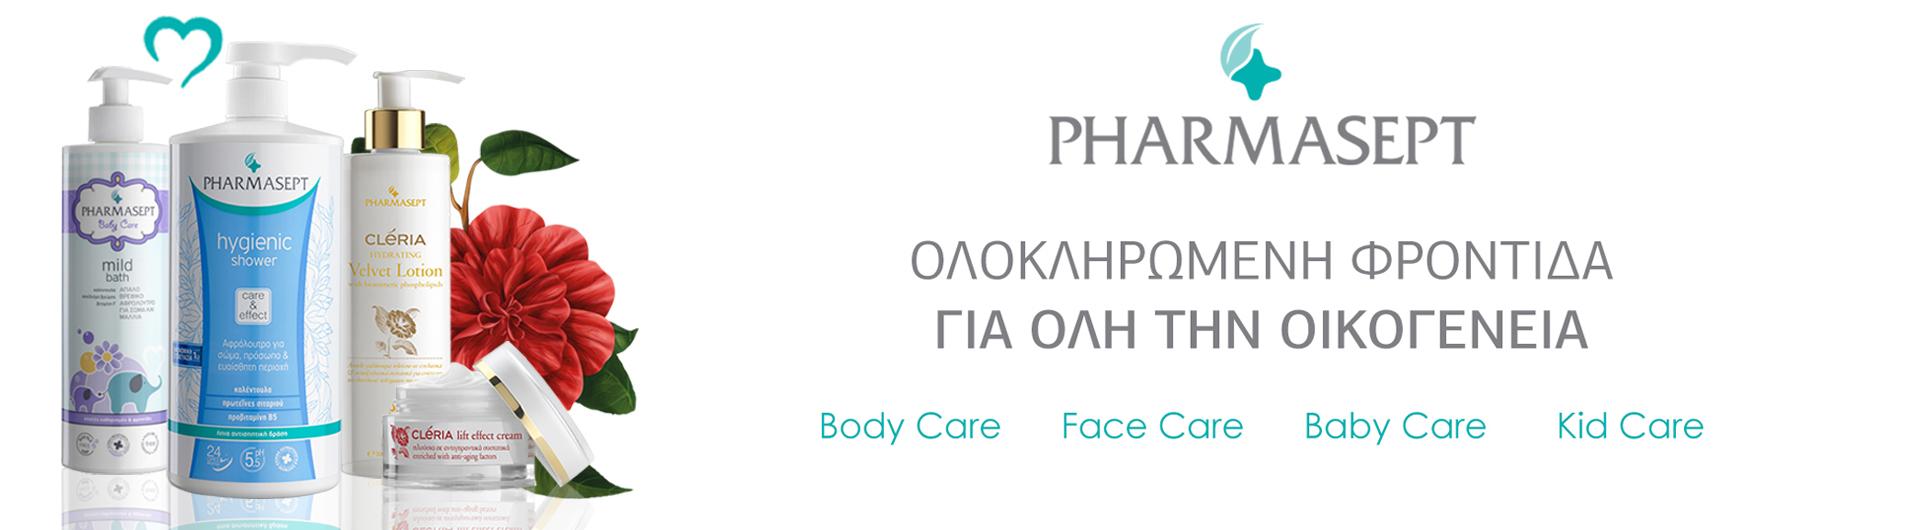 Pharmacy295 banner pharmasept 1920x530 b